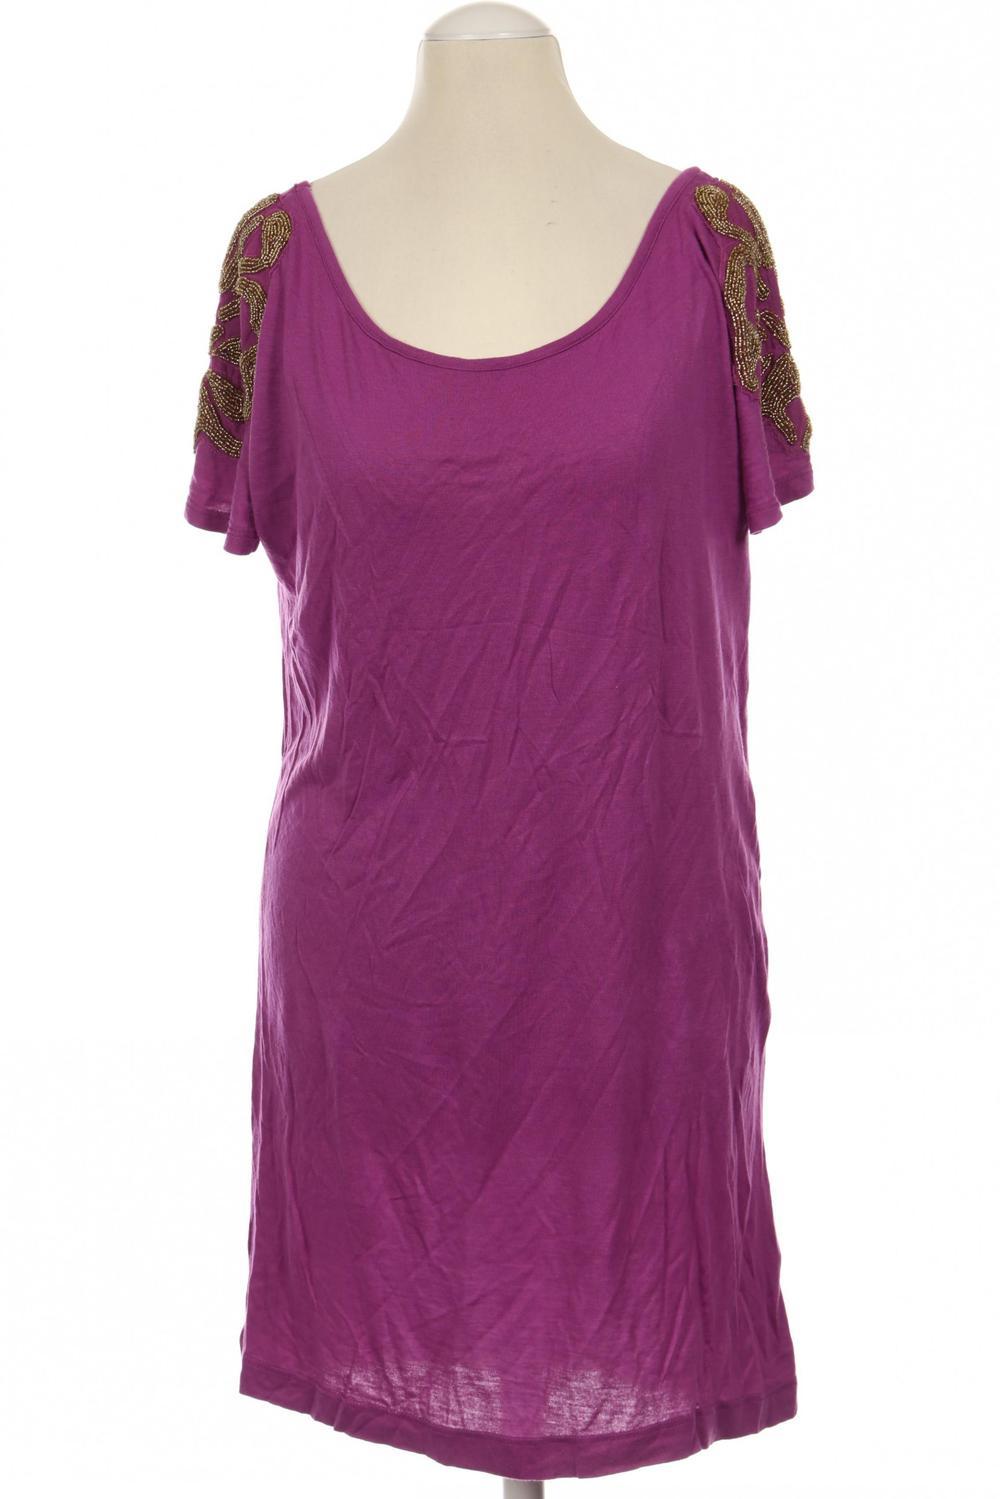 H&M Damen Kleid INT XS Second Hand kaufen   ubup